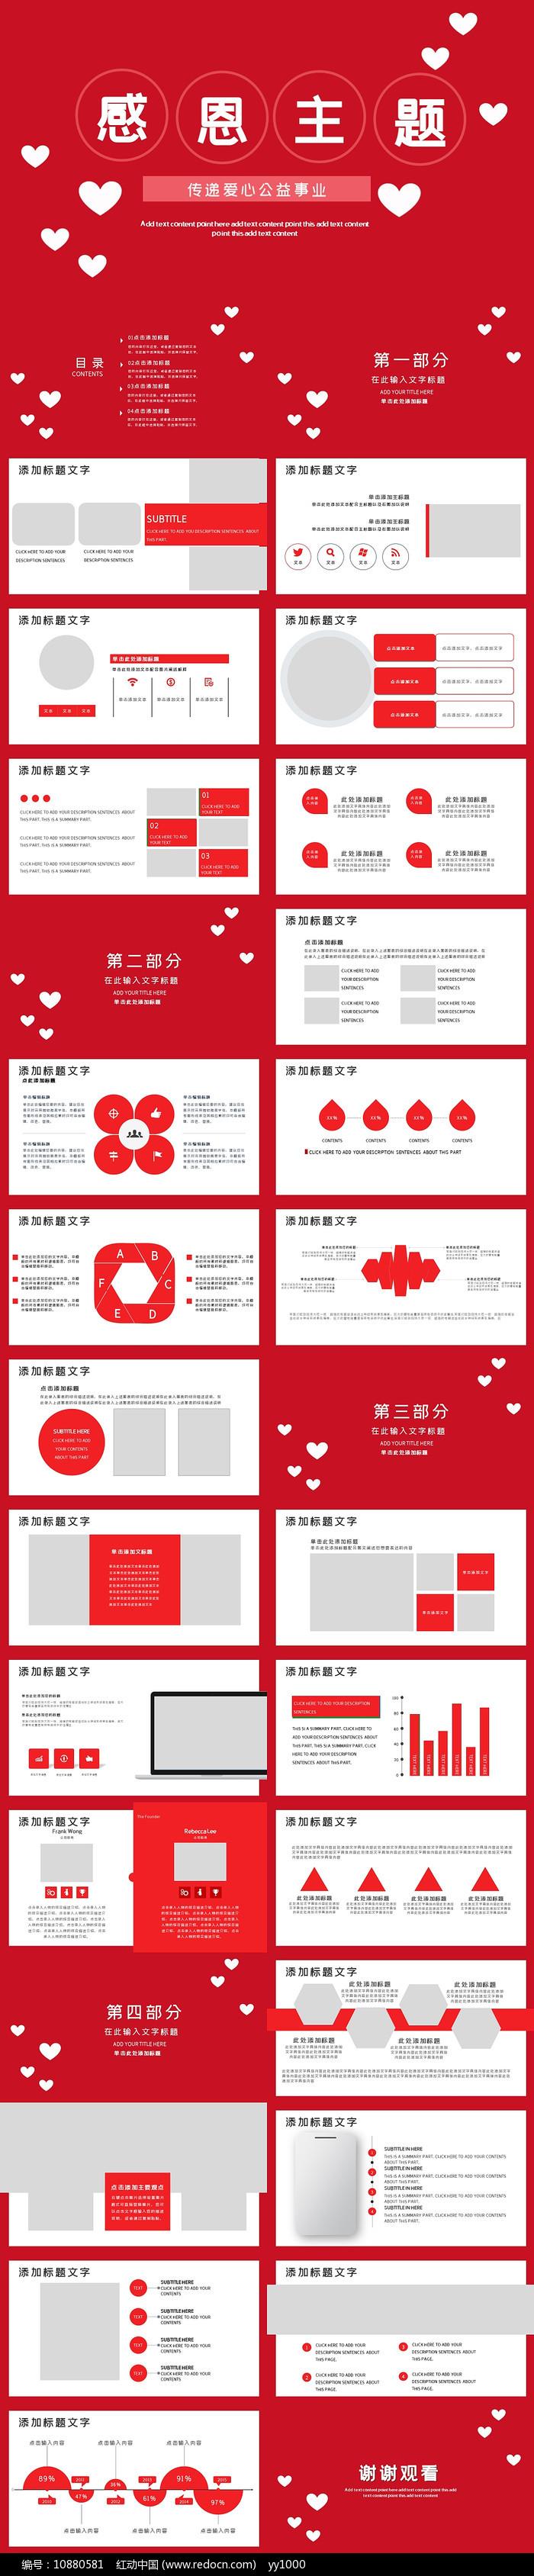 红色温馨感恩主题PPT模板